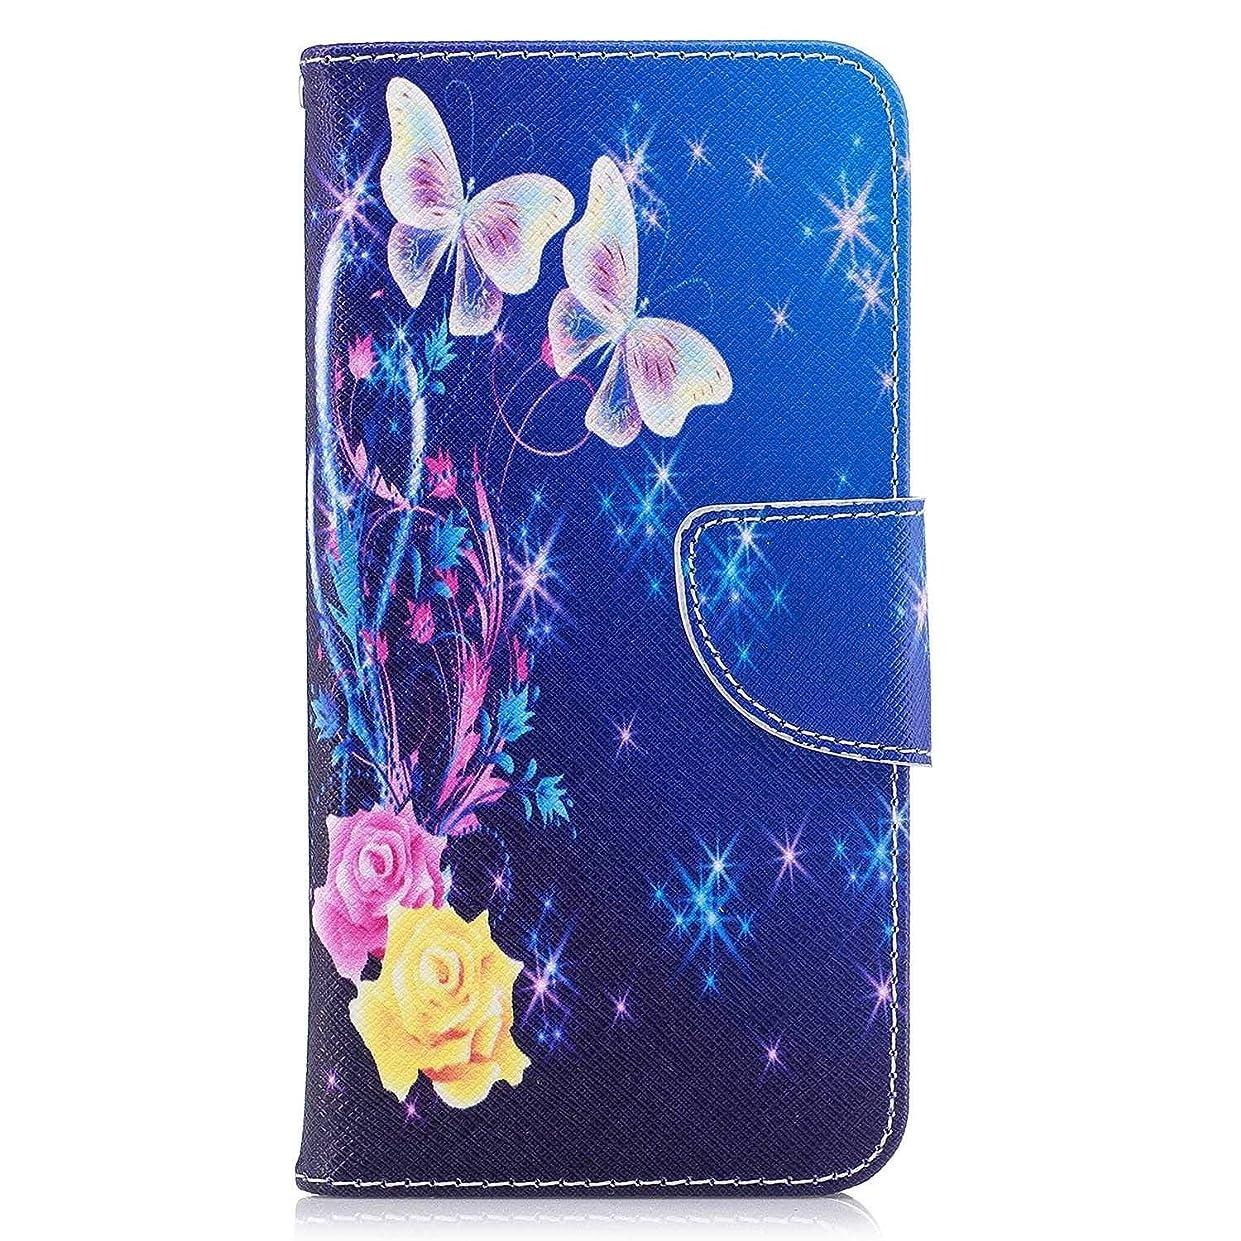 ブロッサム省ハチOMATENTI LG Q8 ケース, ファッション人気 PUレザー 手帳 軽量 電話ケース 耐衝撃性 落下防止 薄型 スマホケースザー 付きスタンド機能, マグネット開閉式 そしてカード収納 LG Q8 用 Case Cover, バタフライ-2